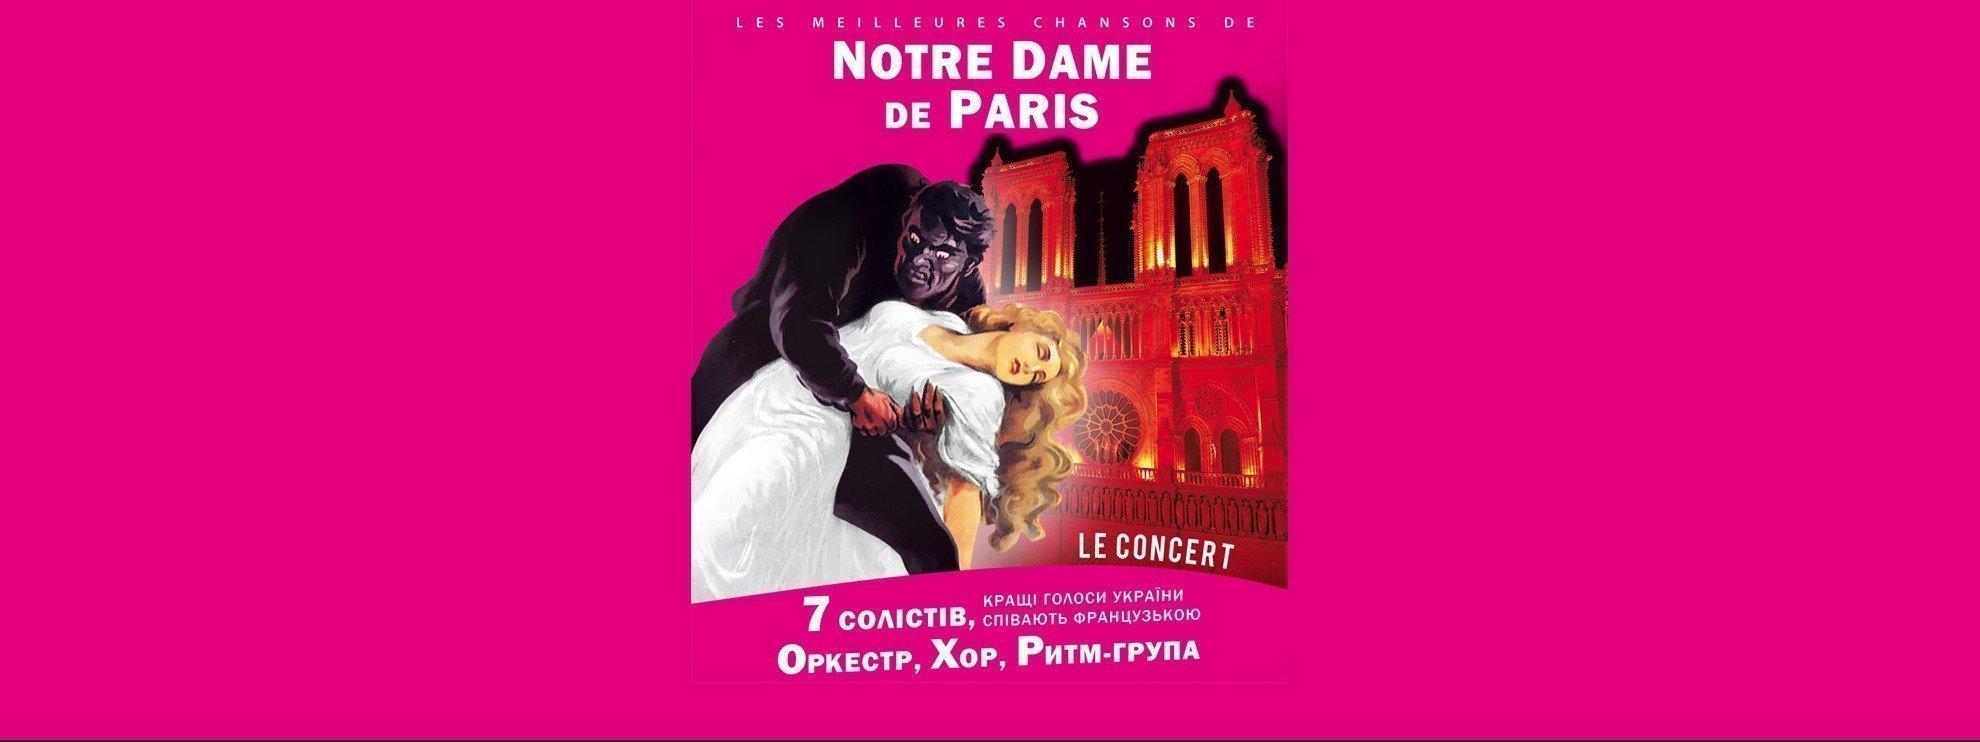 исполнитель NOTRE DAME de PARIS (Нотр Дам де Пари)